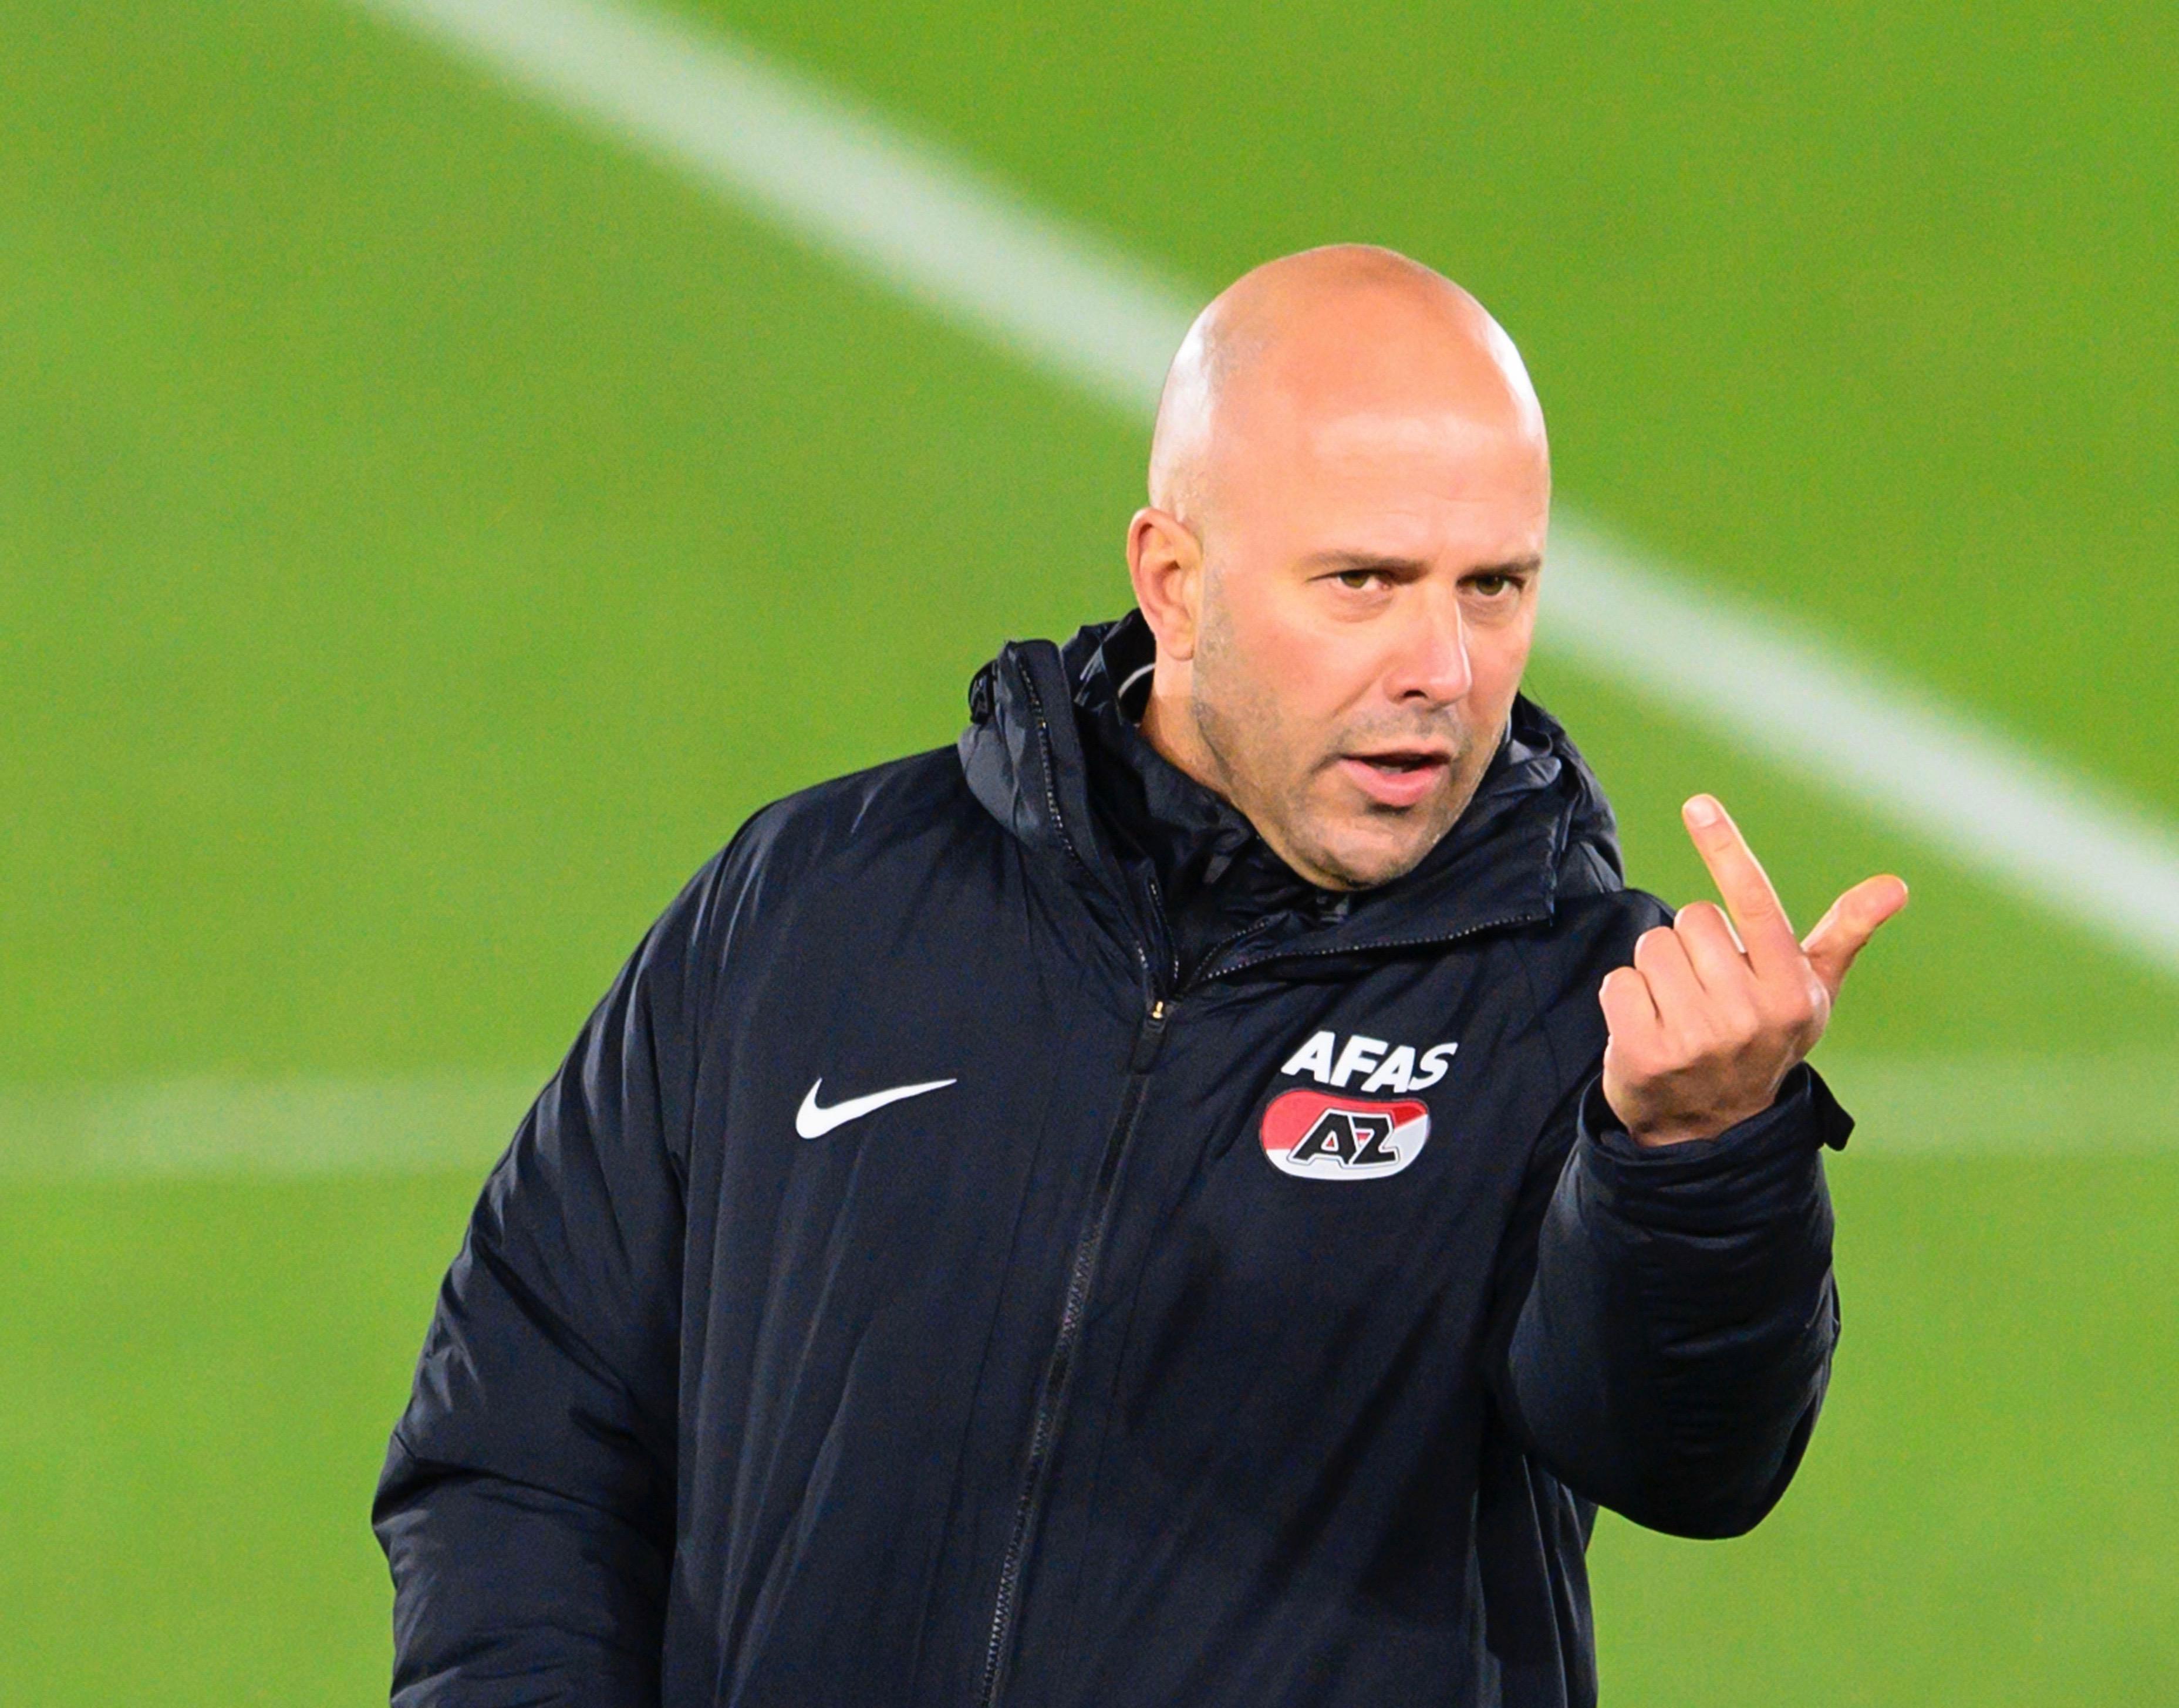 Arne Slot: 'AZ wist dat ik mijn contract niet wilde verlengen - het ontslag is een harde klap'